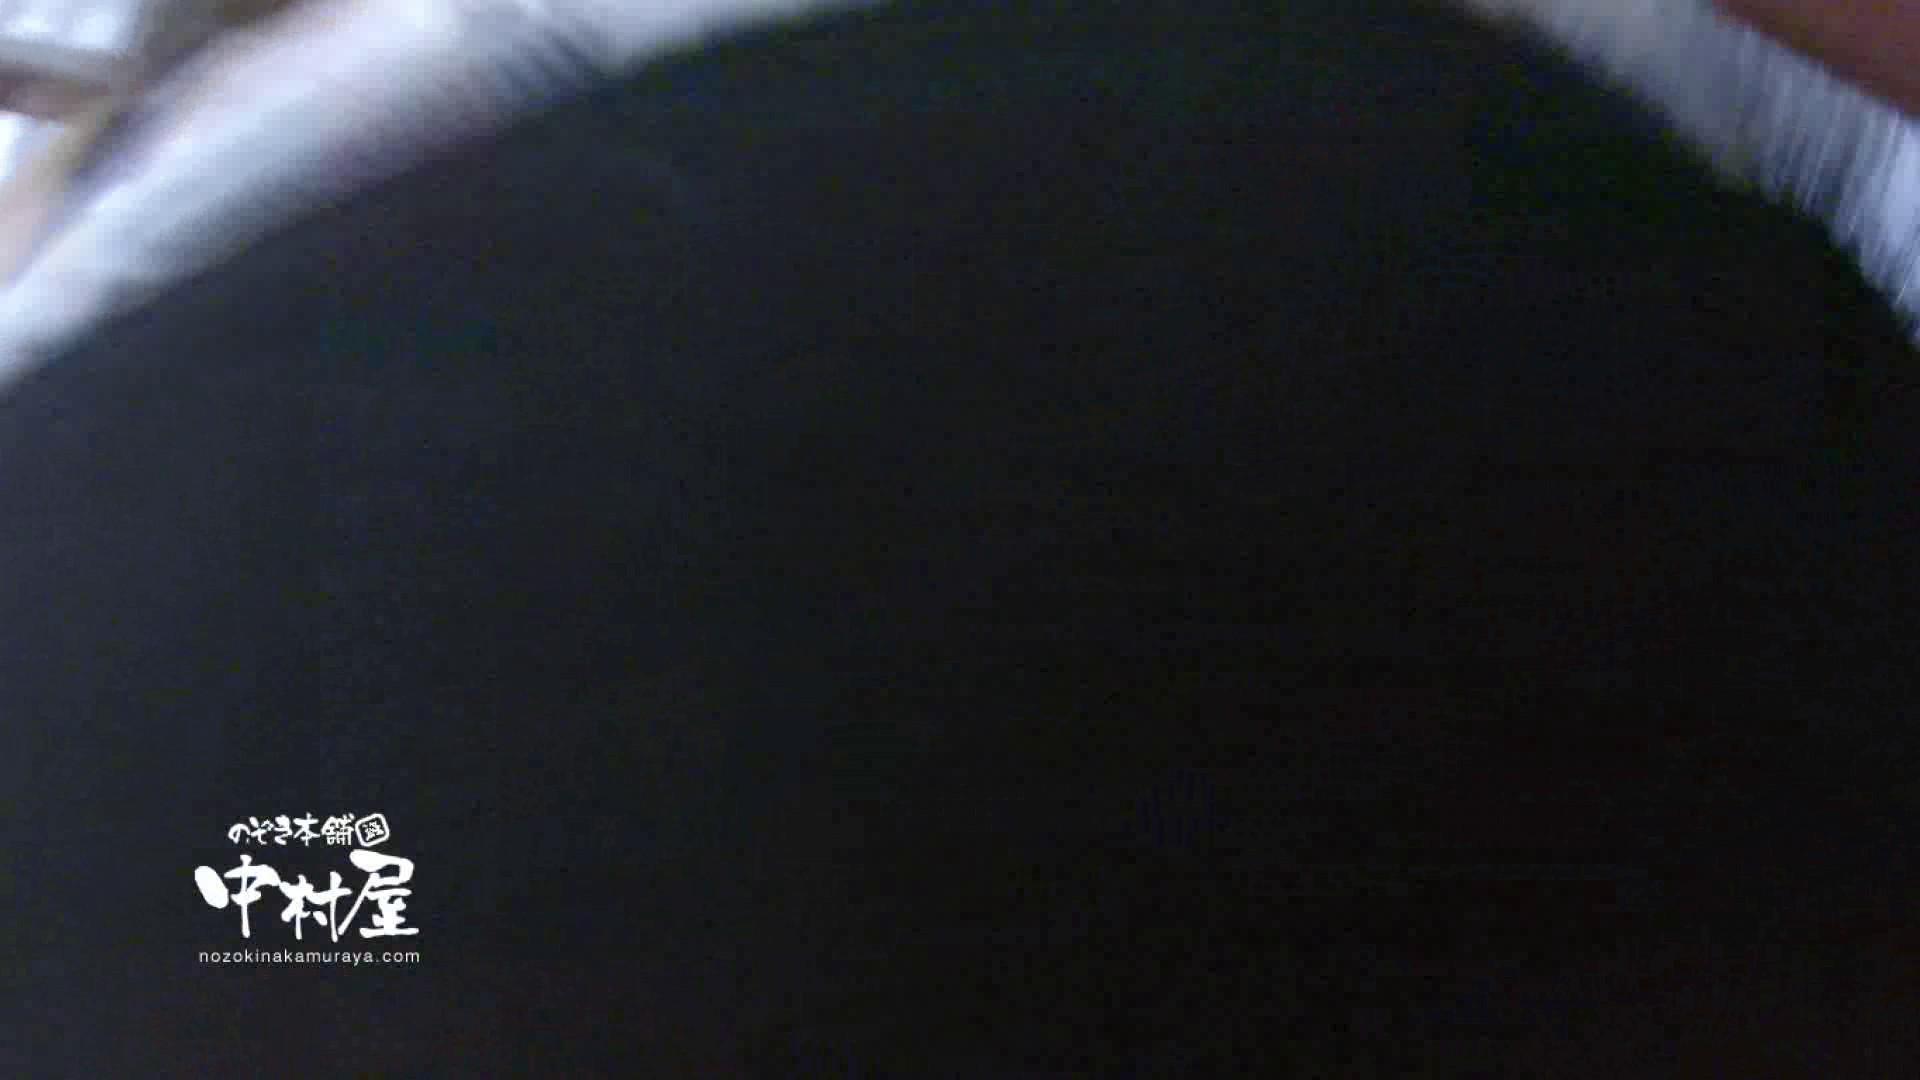 鬼畜 vol.15 ハスキーボイスで感じてんじゃねーよ! 後編 美女OL | 鬼畜  65連発 57